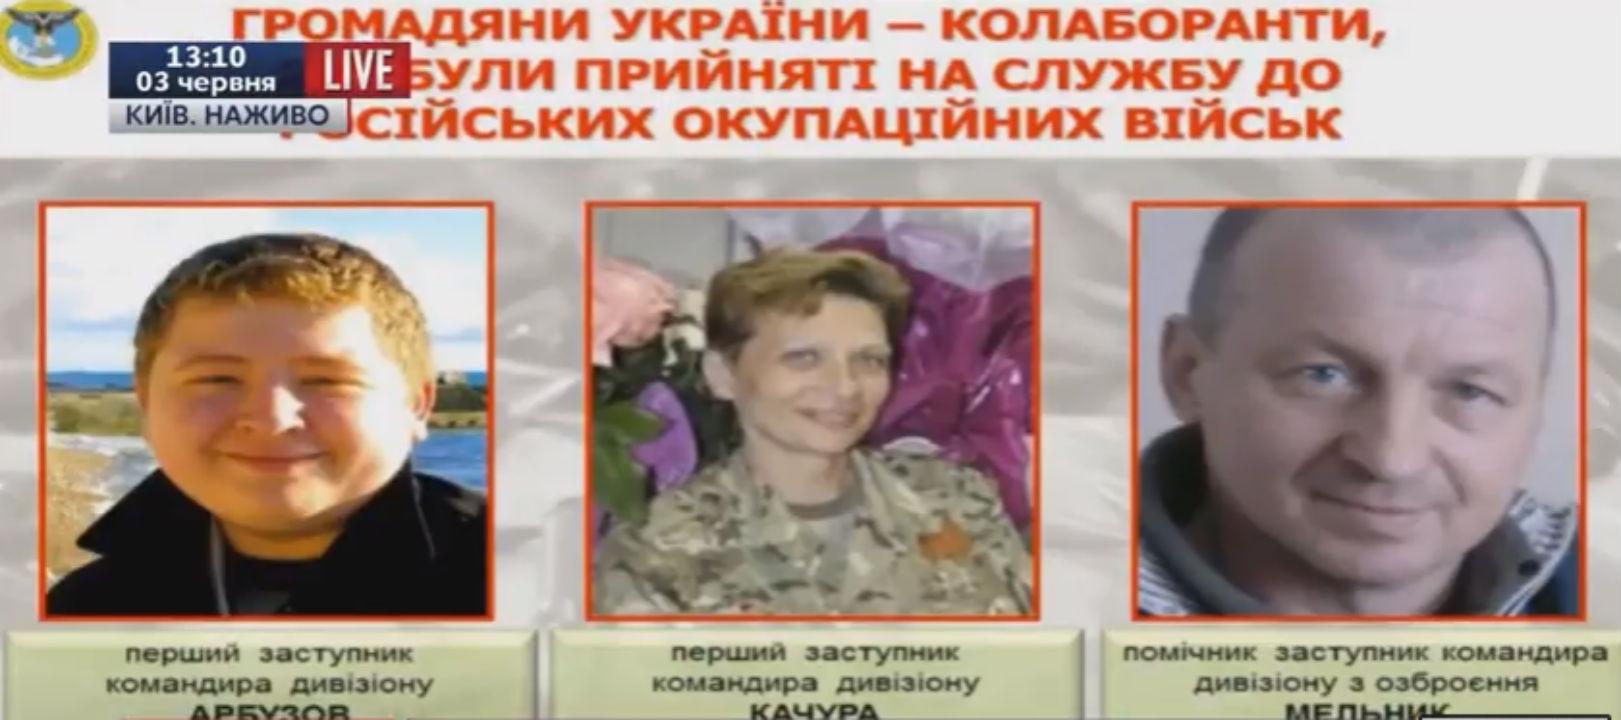 Розвідка показала українців-зрадників, які командують окупантами на Донбасі (ФОТО) - фото 1